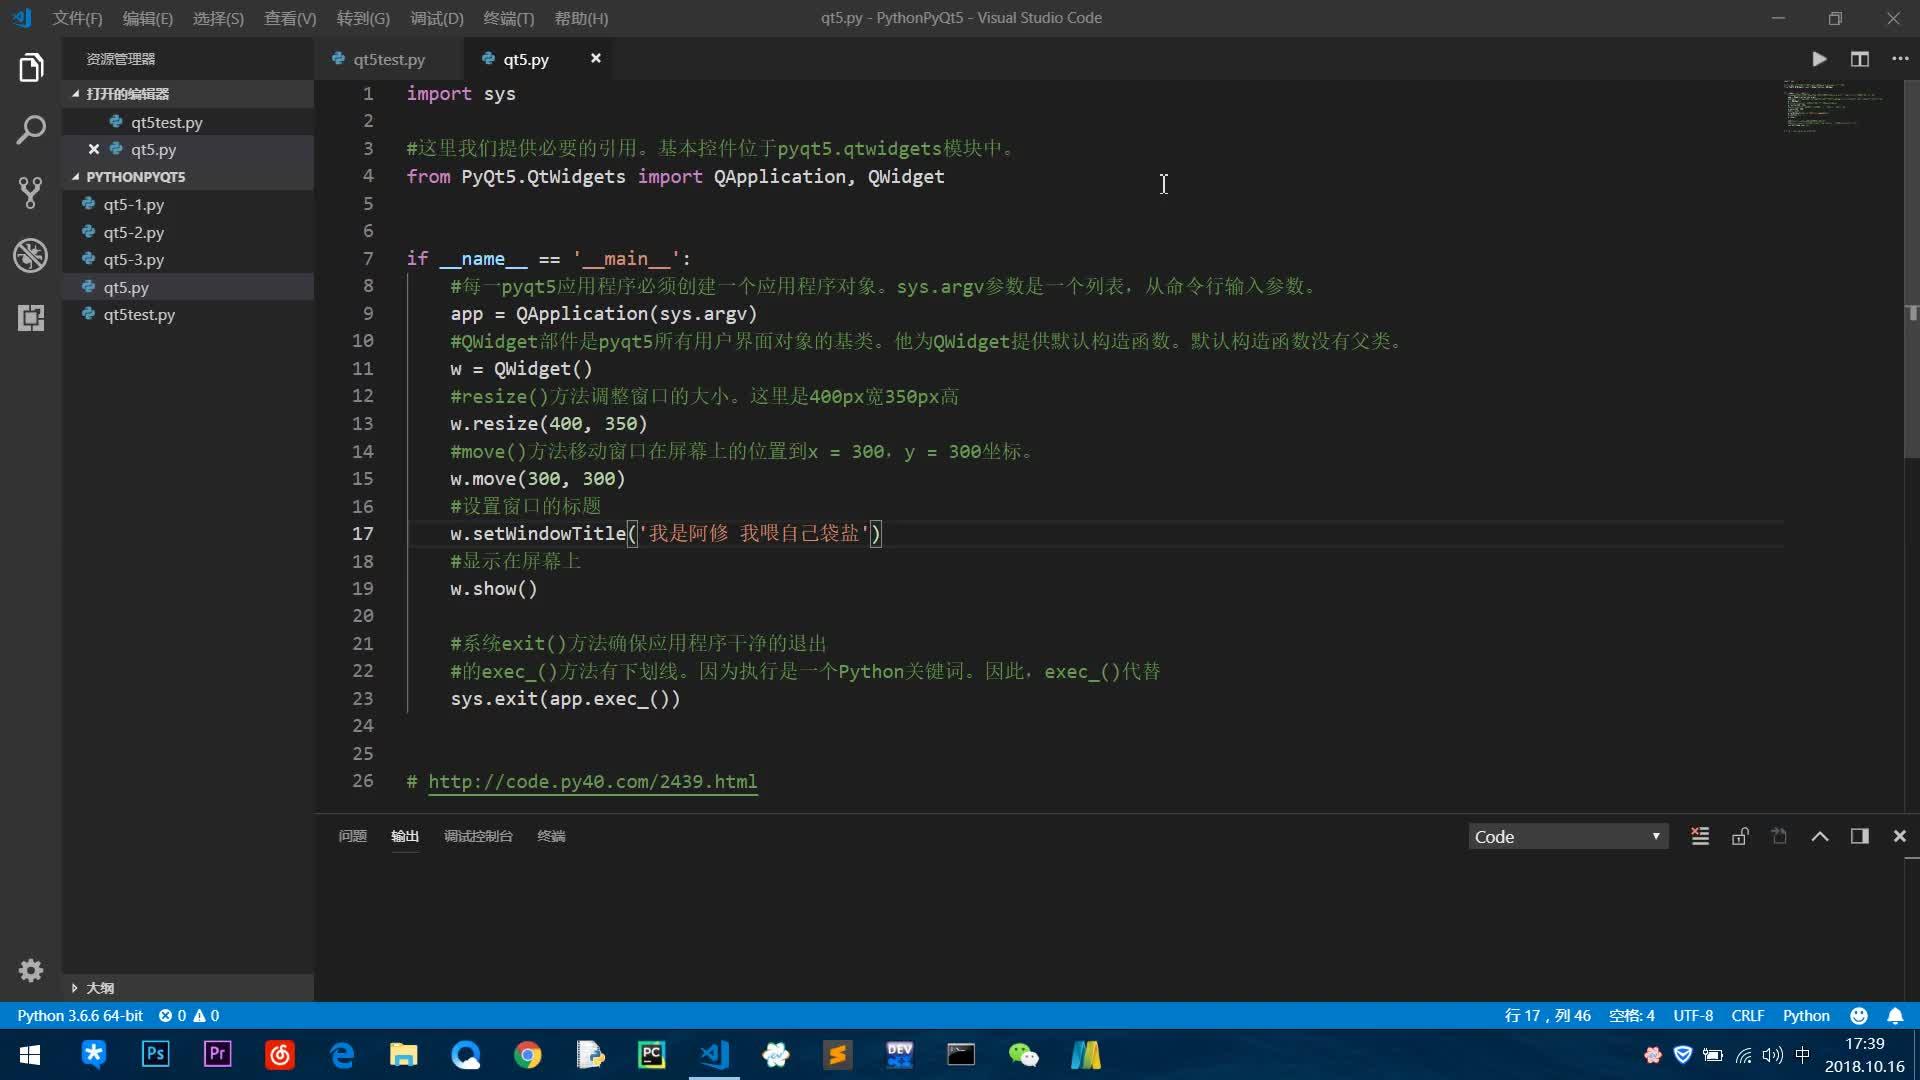 阿修】玩玩VS Code禅模式窗口:干干净净写代码,不显示多余的元素_哔哩哔